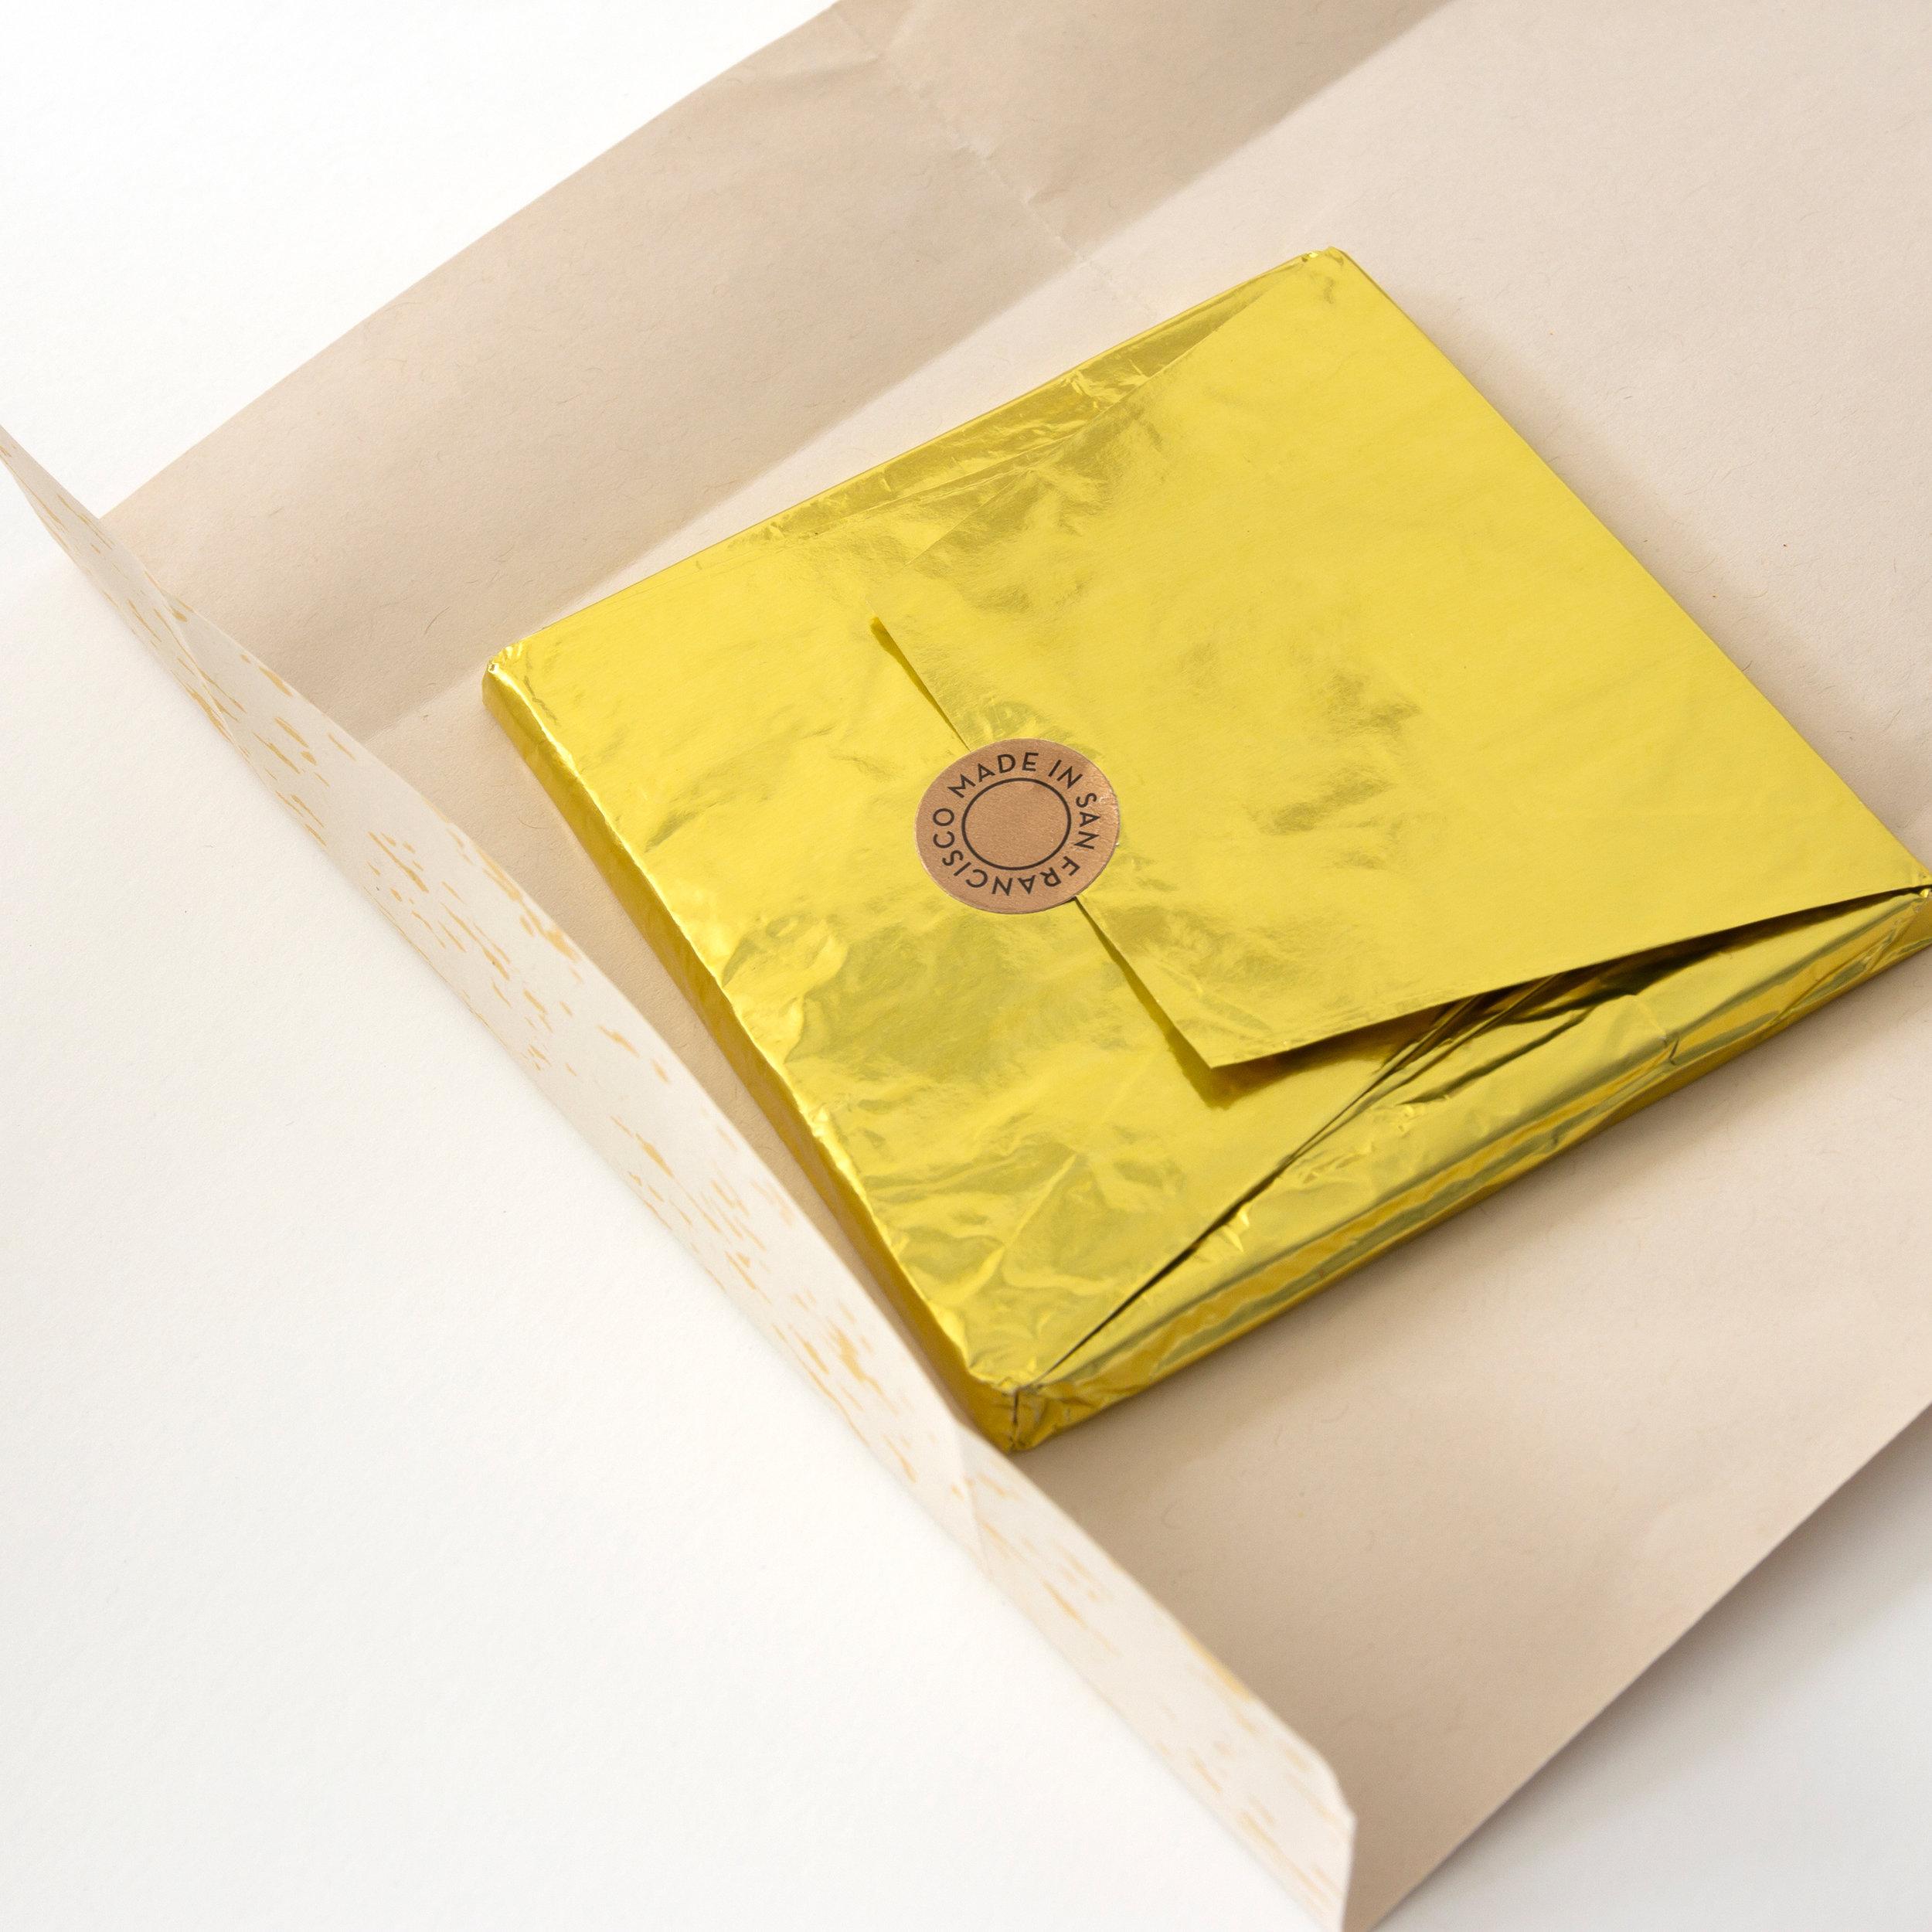 chocolate-packaging-seal.jpg